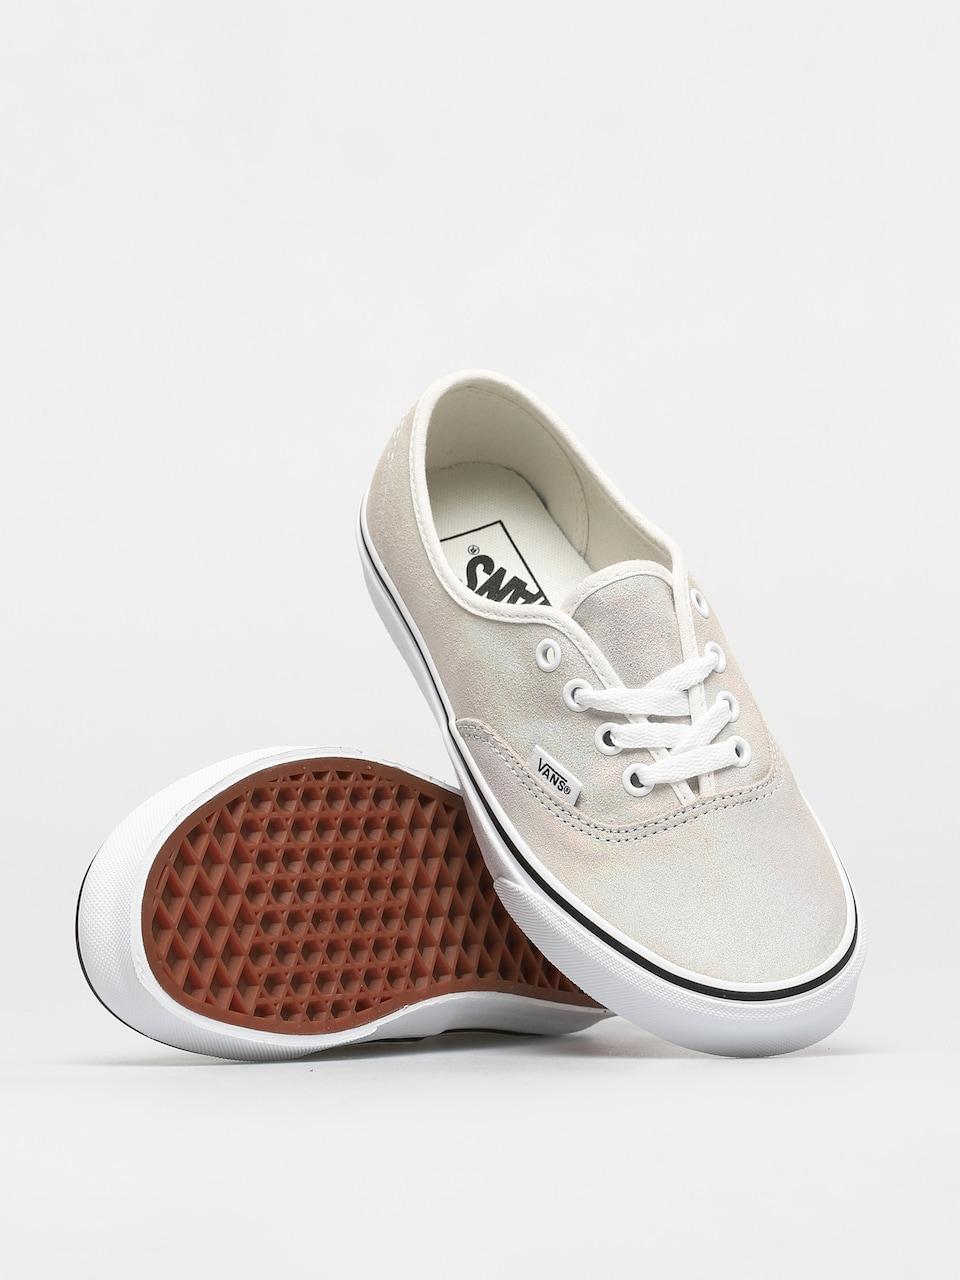 Vans Authentic Shoes (prism suede/mtllcblcdblc)